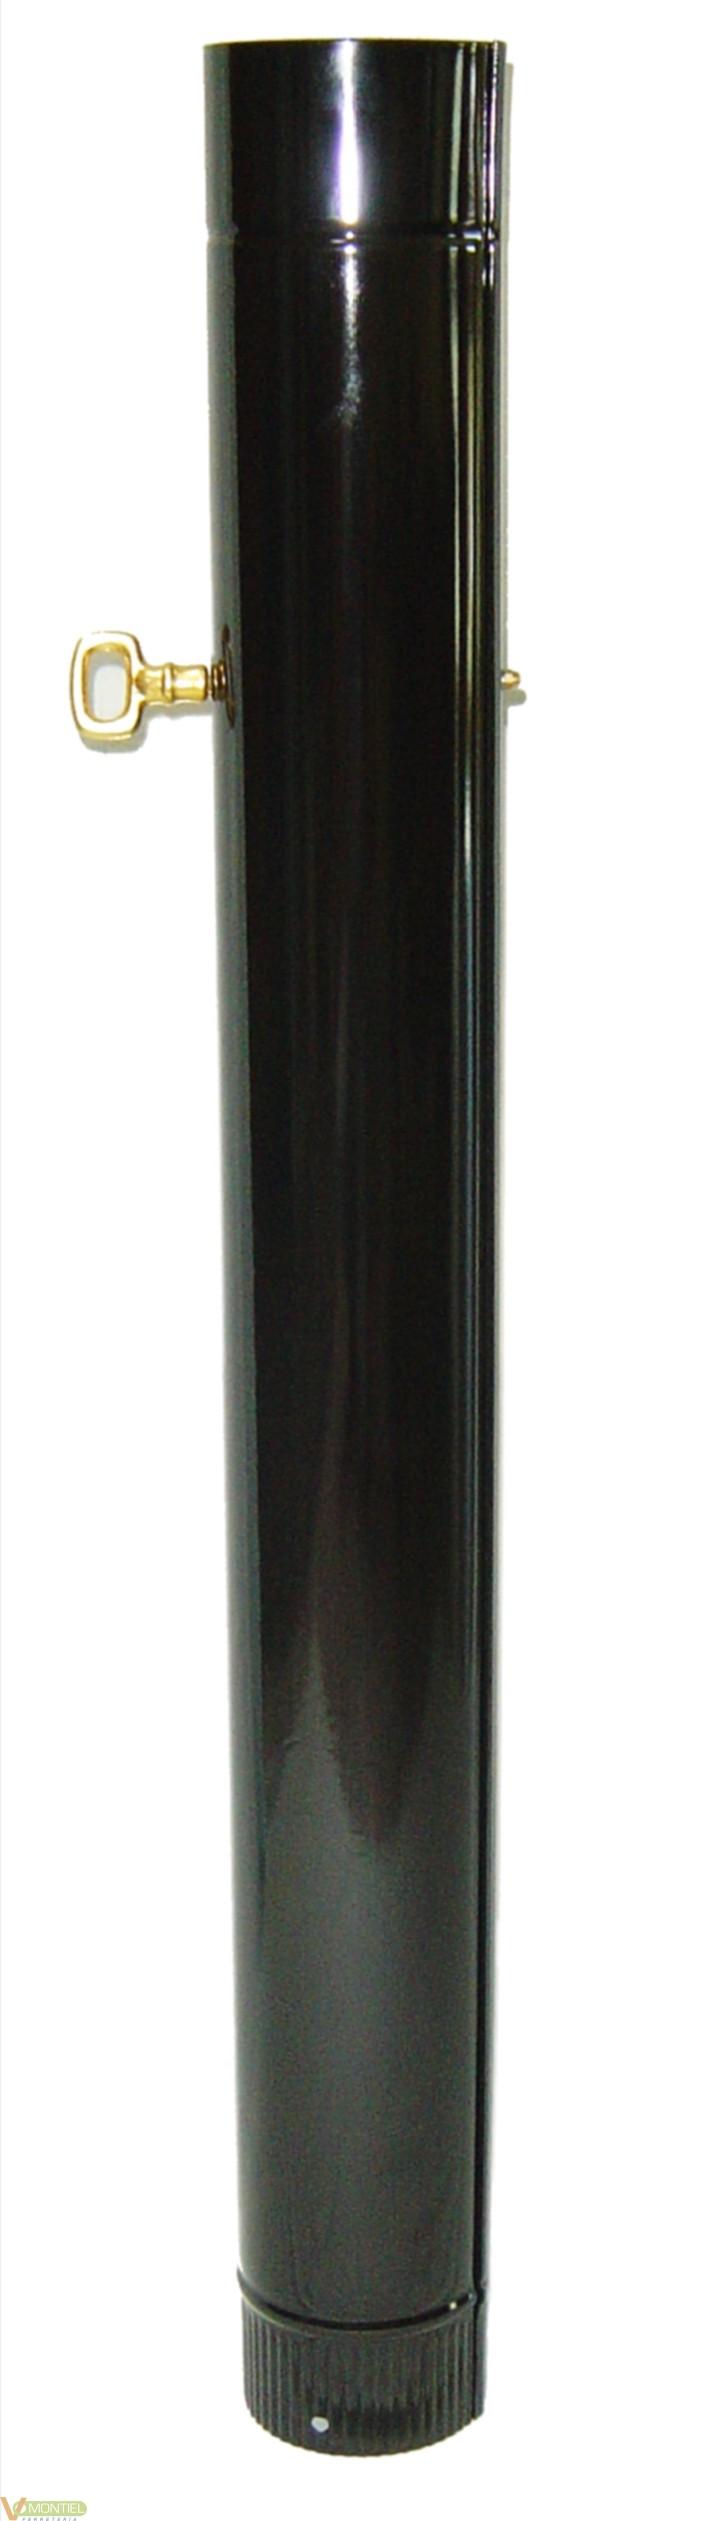 Tubo estufa con llave 120mm a/-0